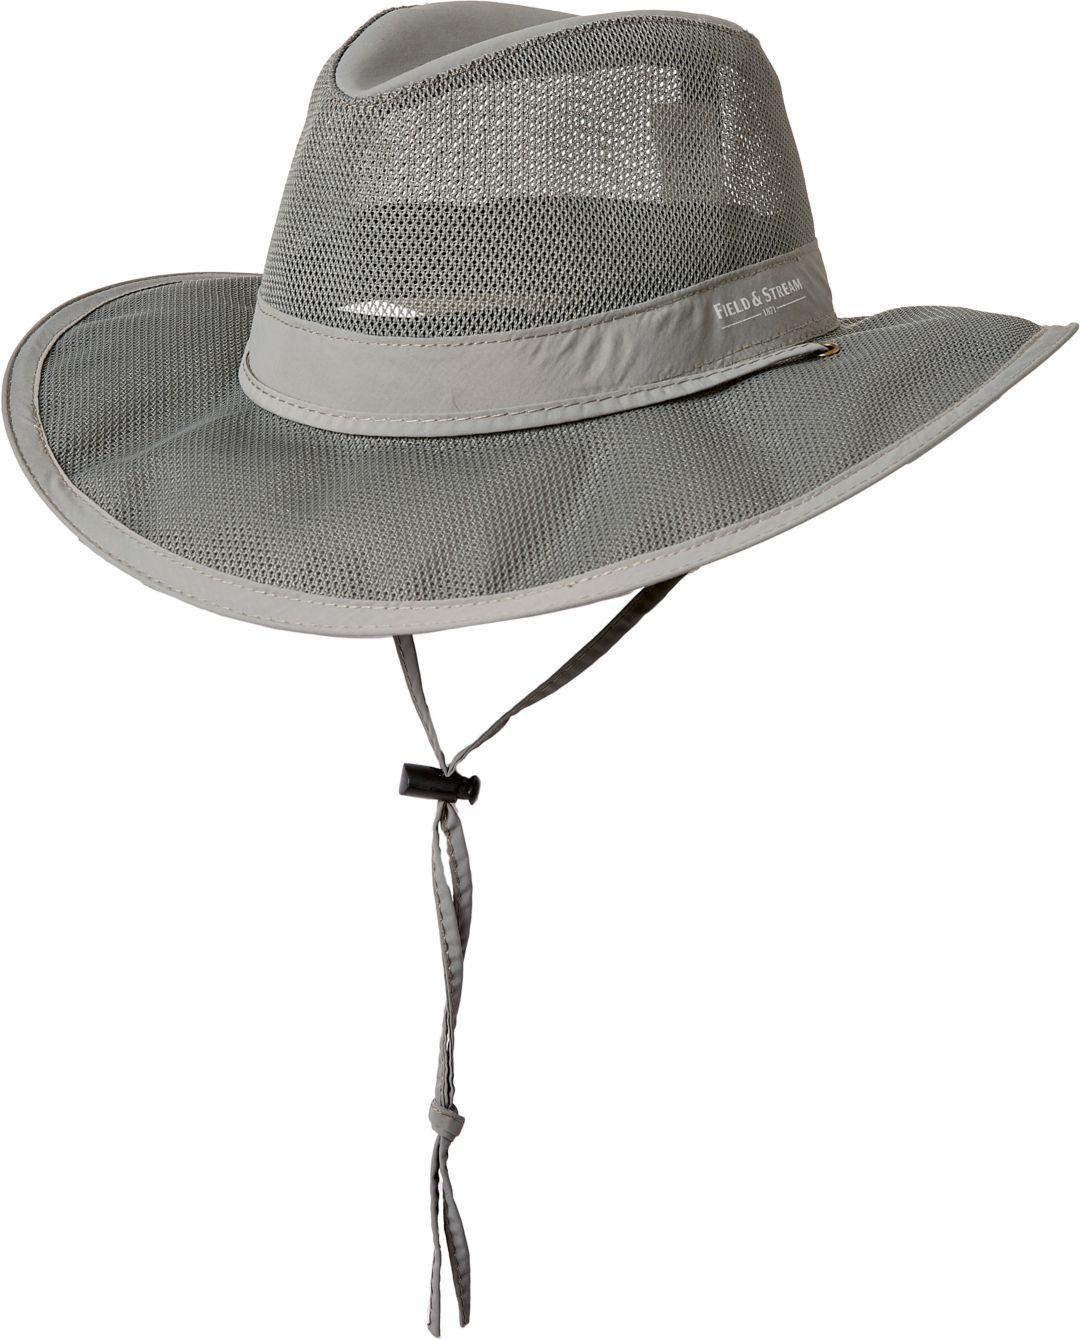 a90f9171ed13b8 Field & Stream Men's Evershade Safari Hat | Field & Stream